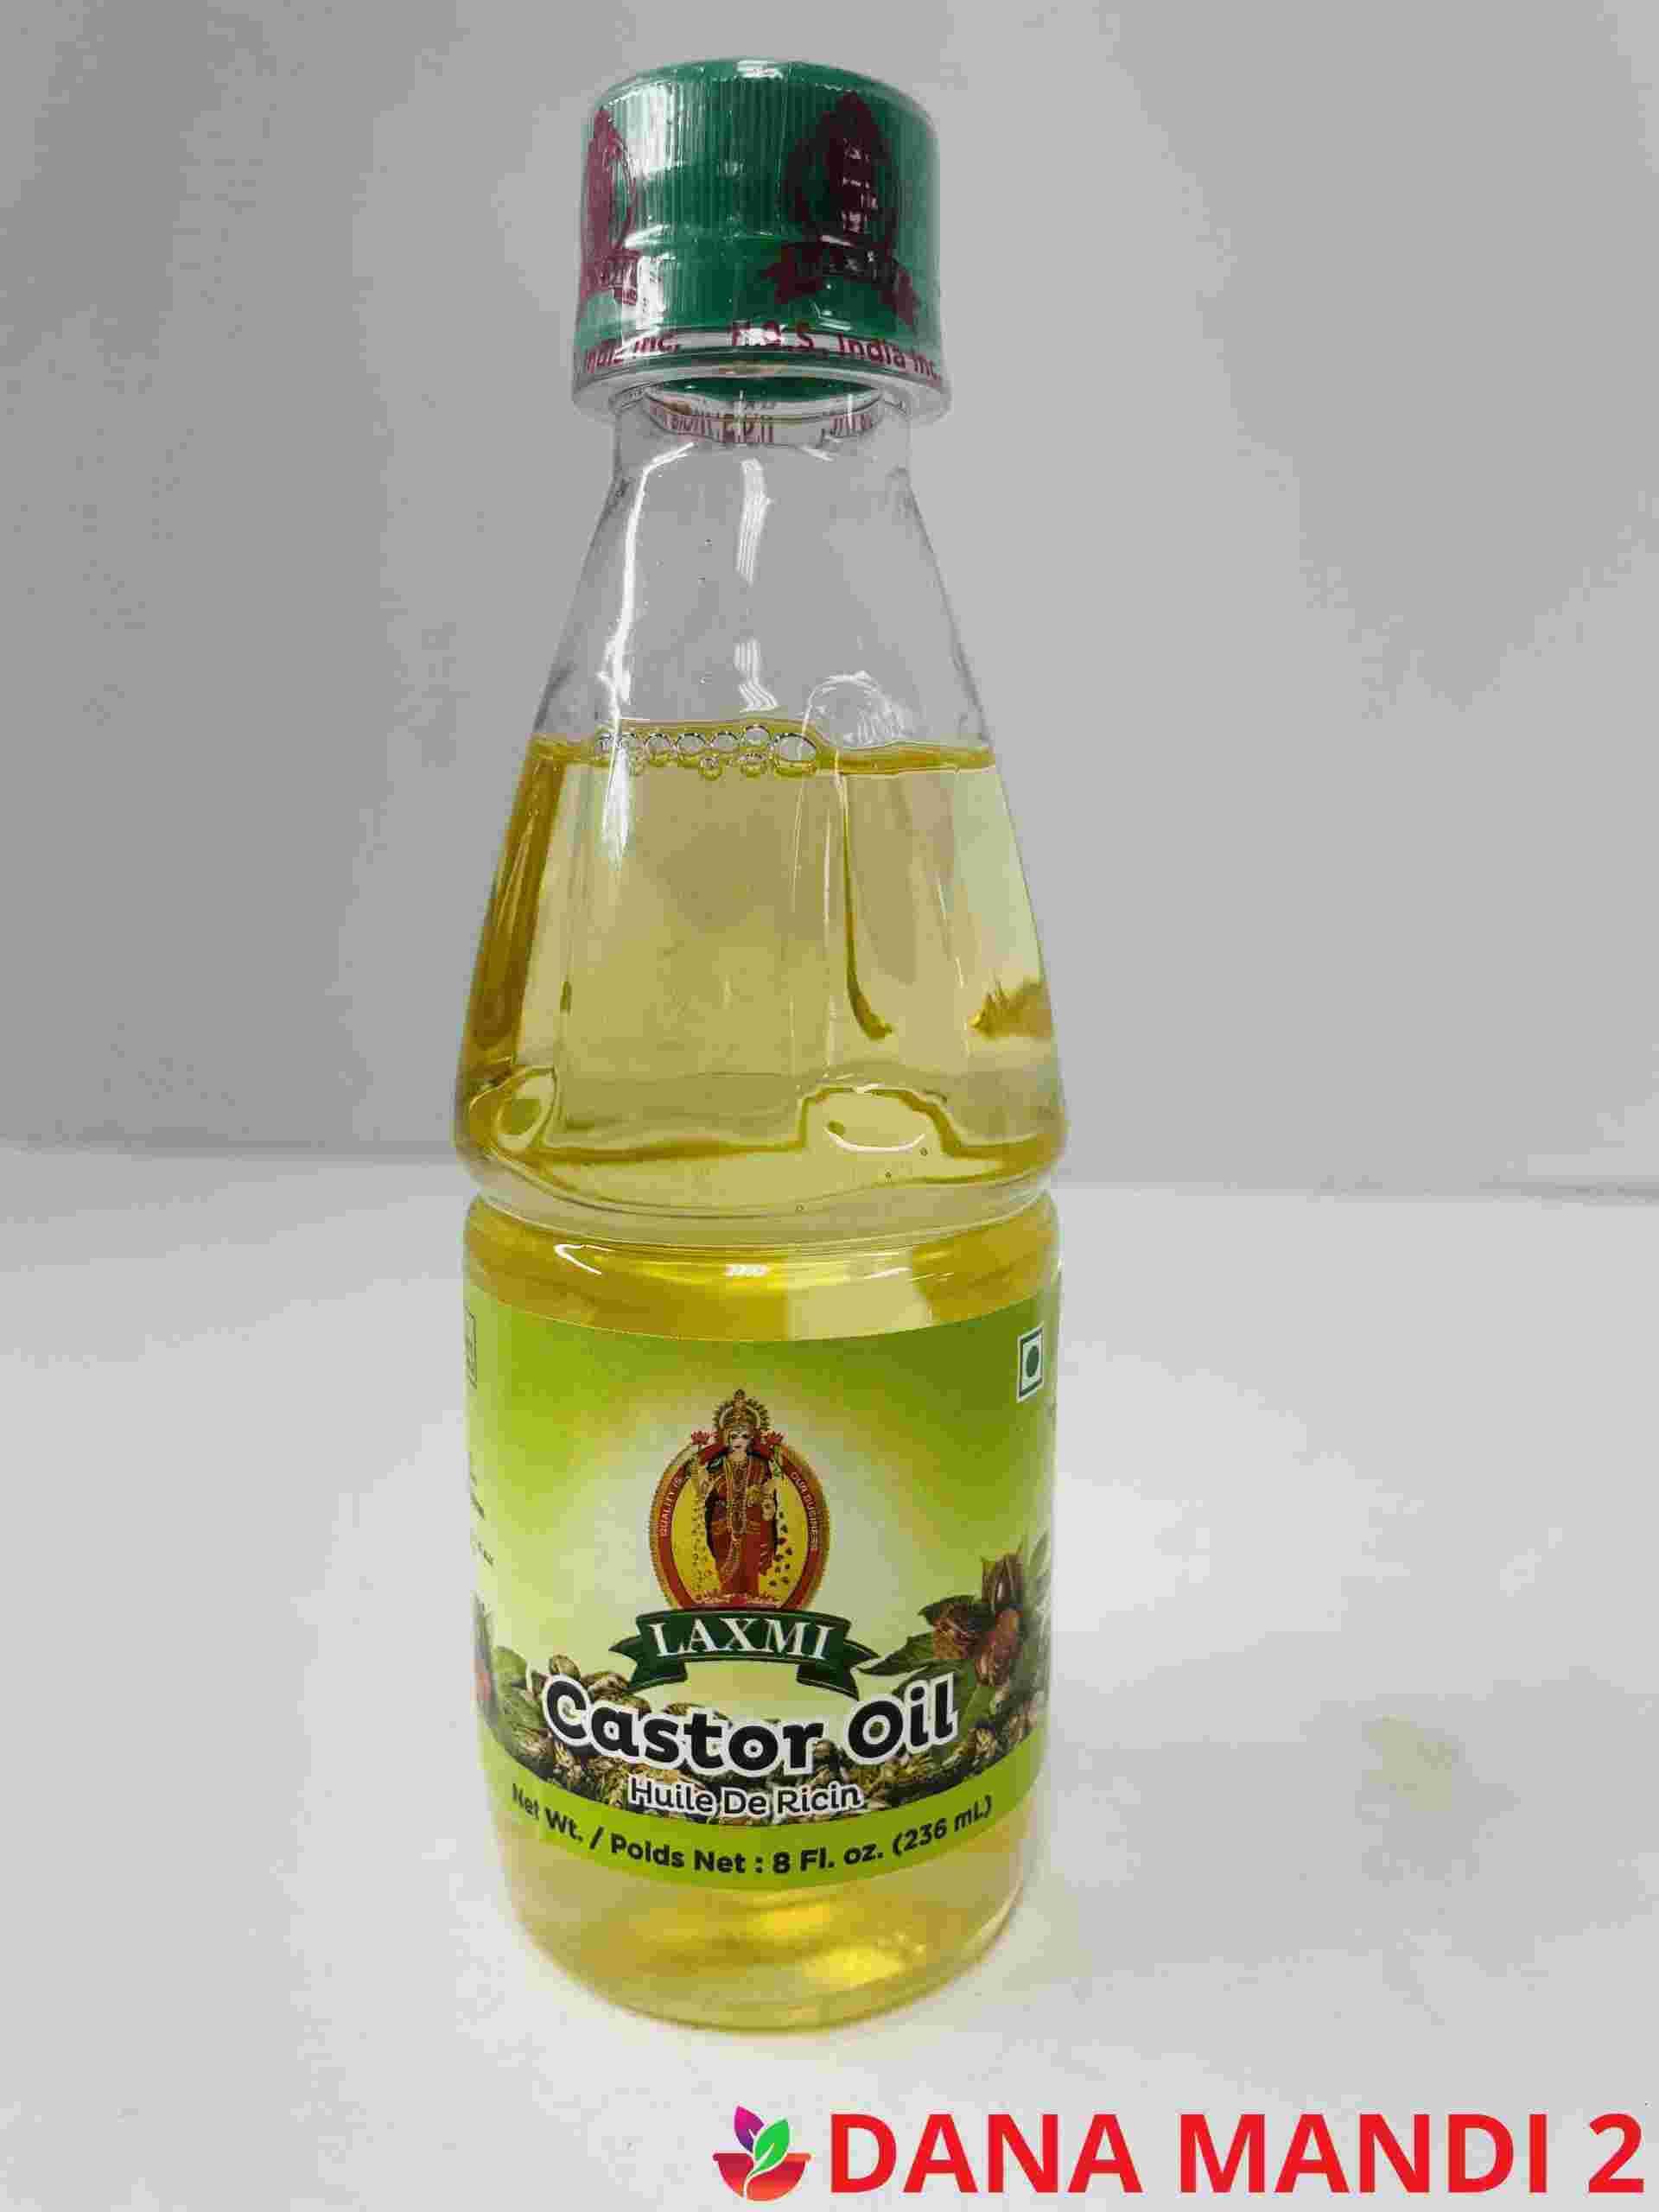 LAXMI Castor Oil